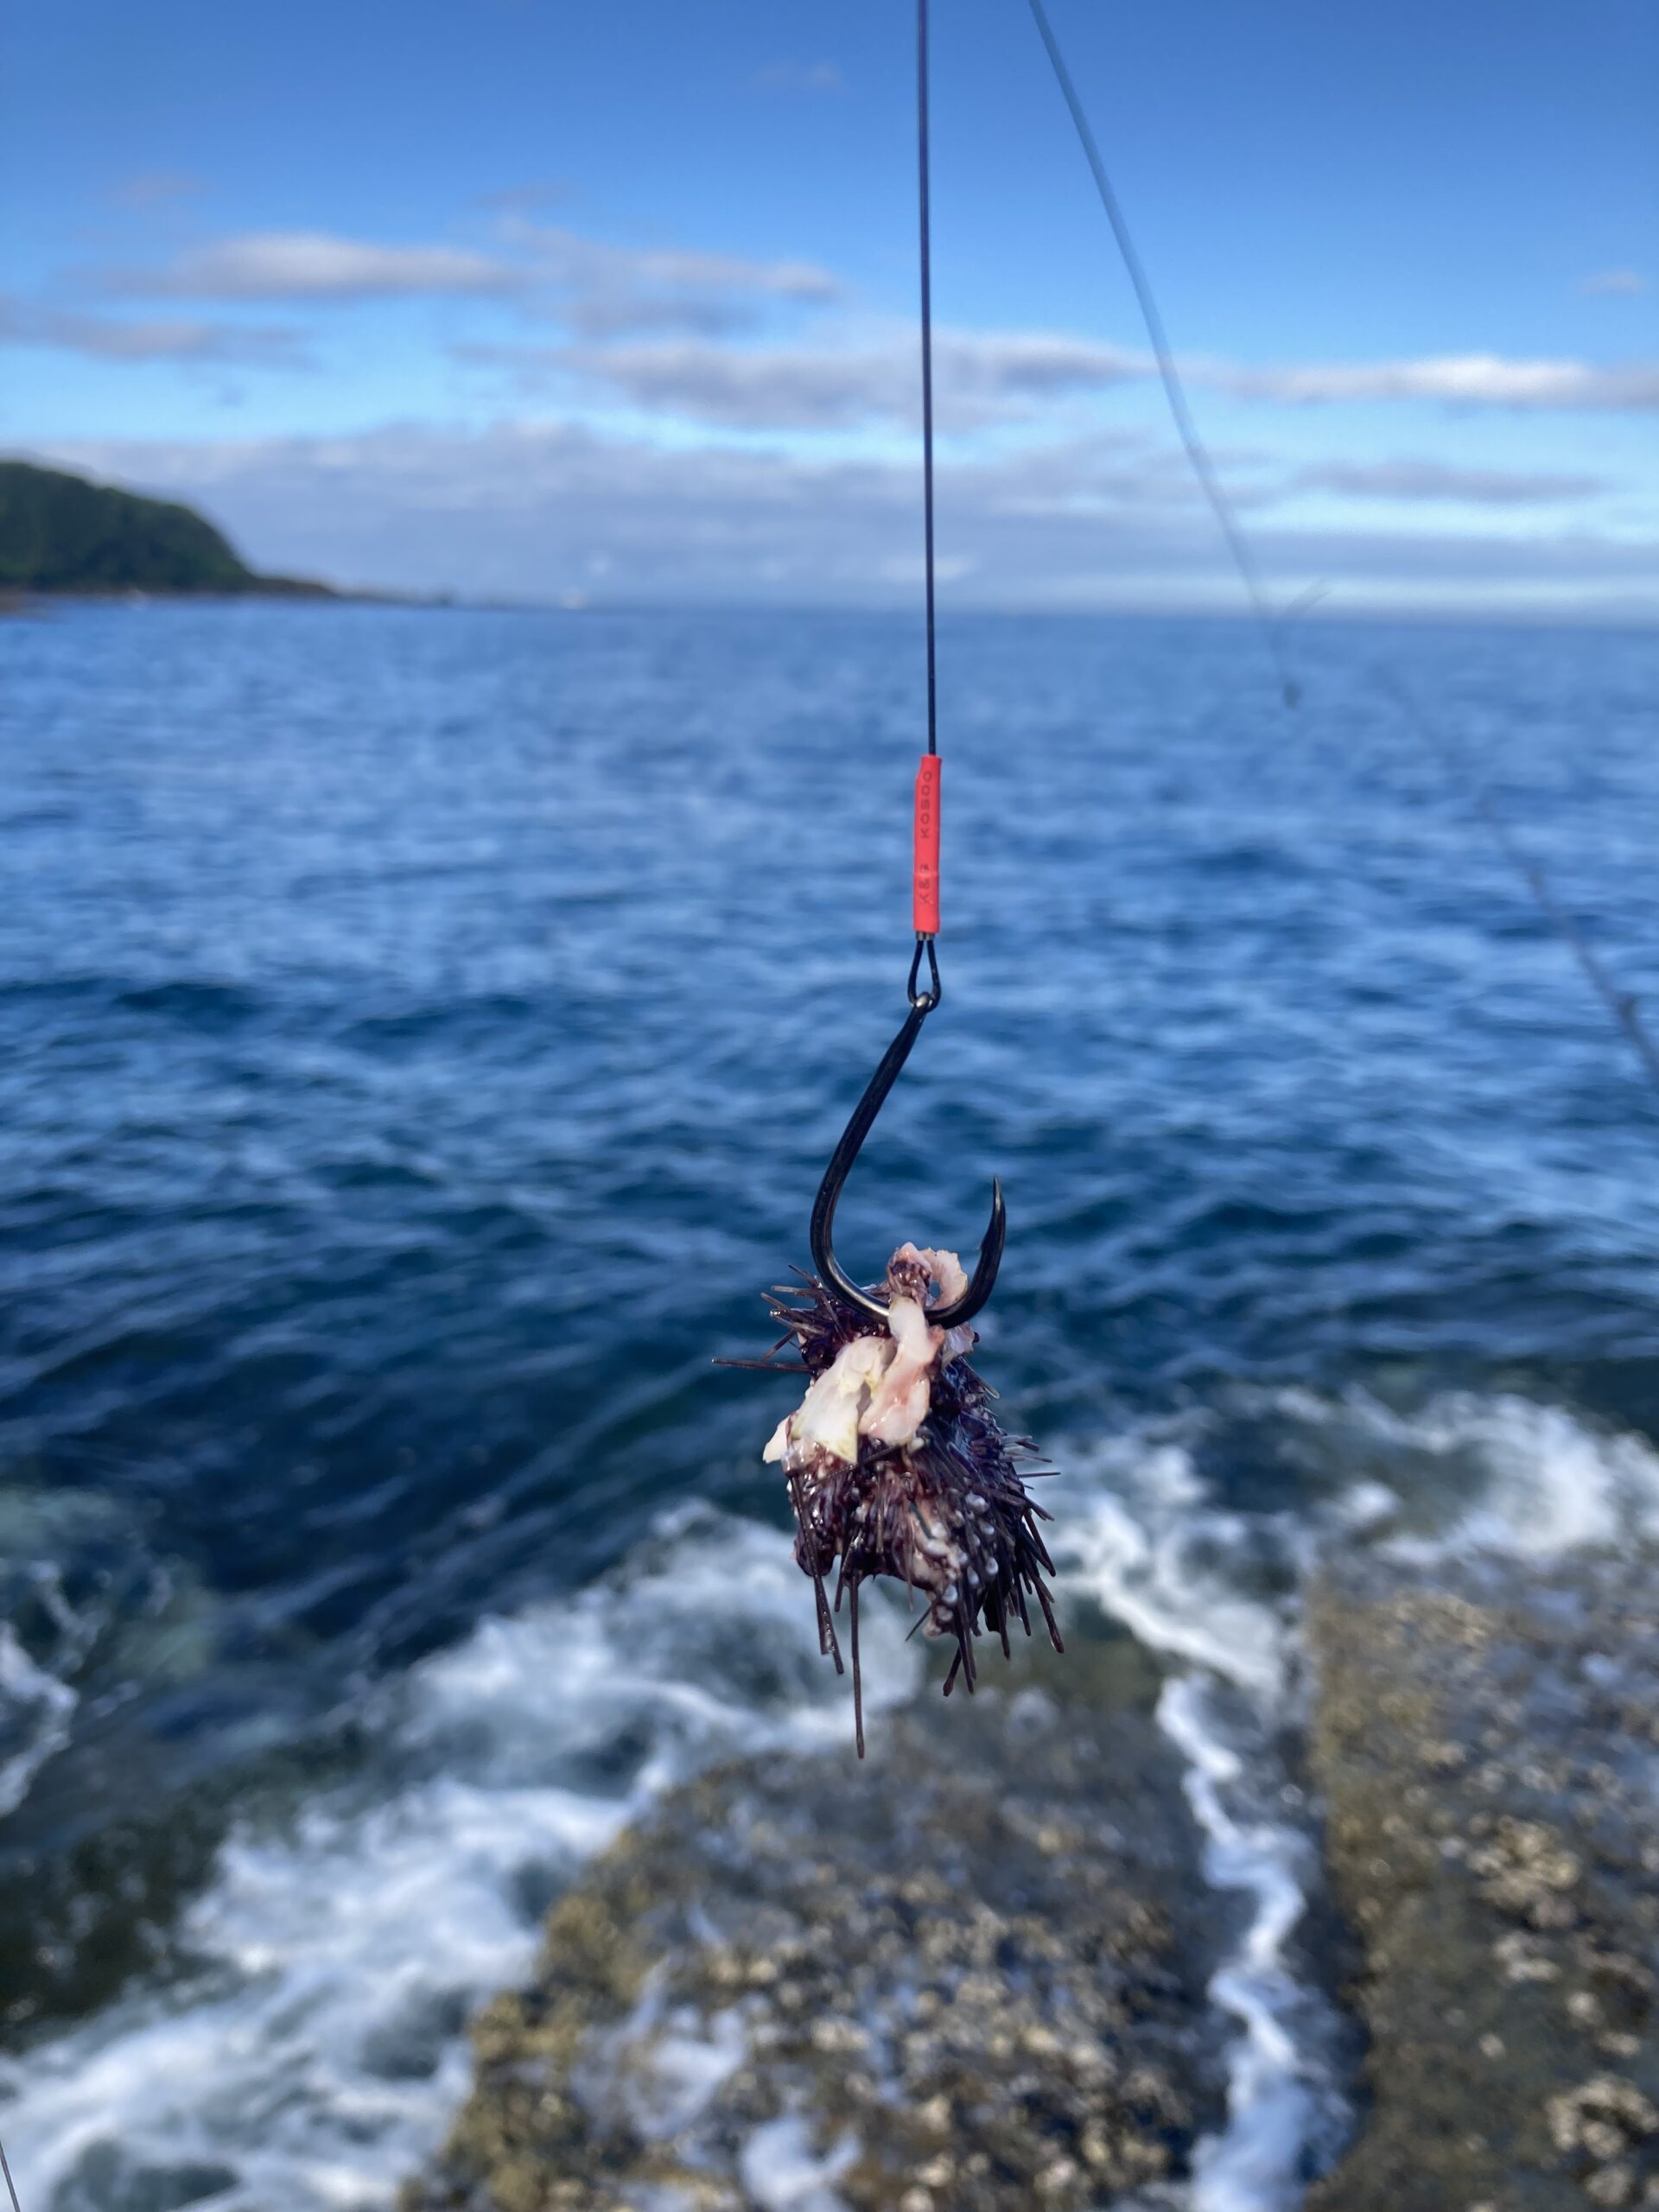 底物の磯釣りはエサ取りが多く、ウニがすぐに取られるようです。